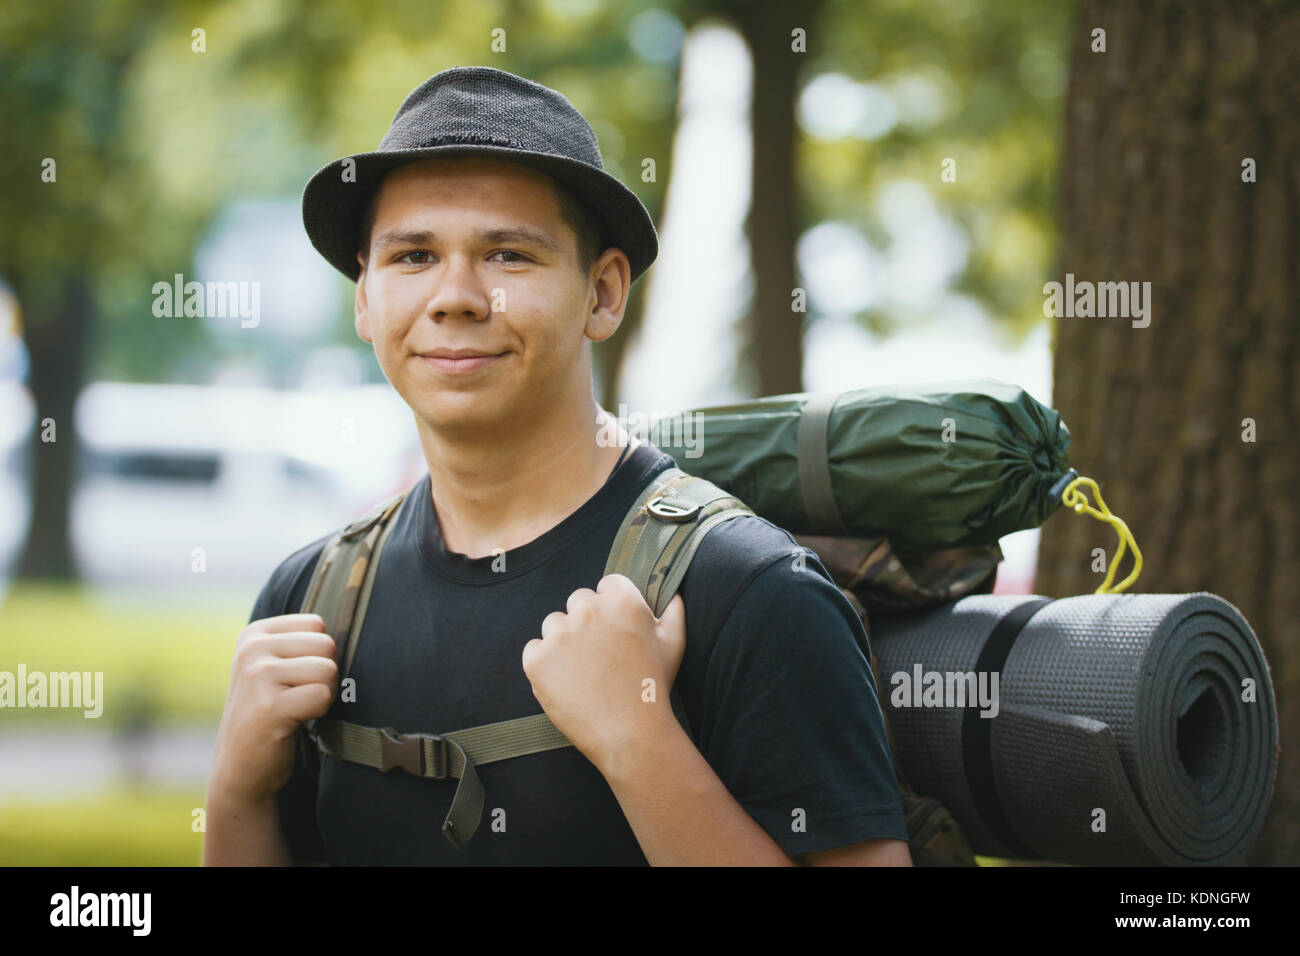 Porträt eines jungen Mannes Touristen in Hut mit Rucksack outdoor Stockbild